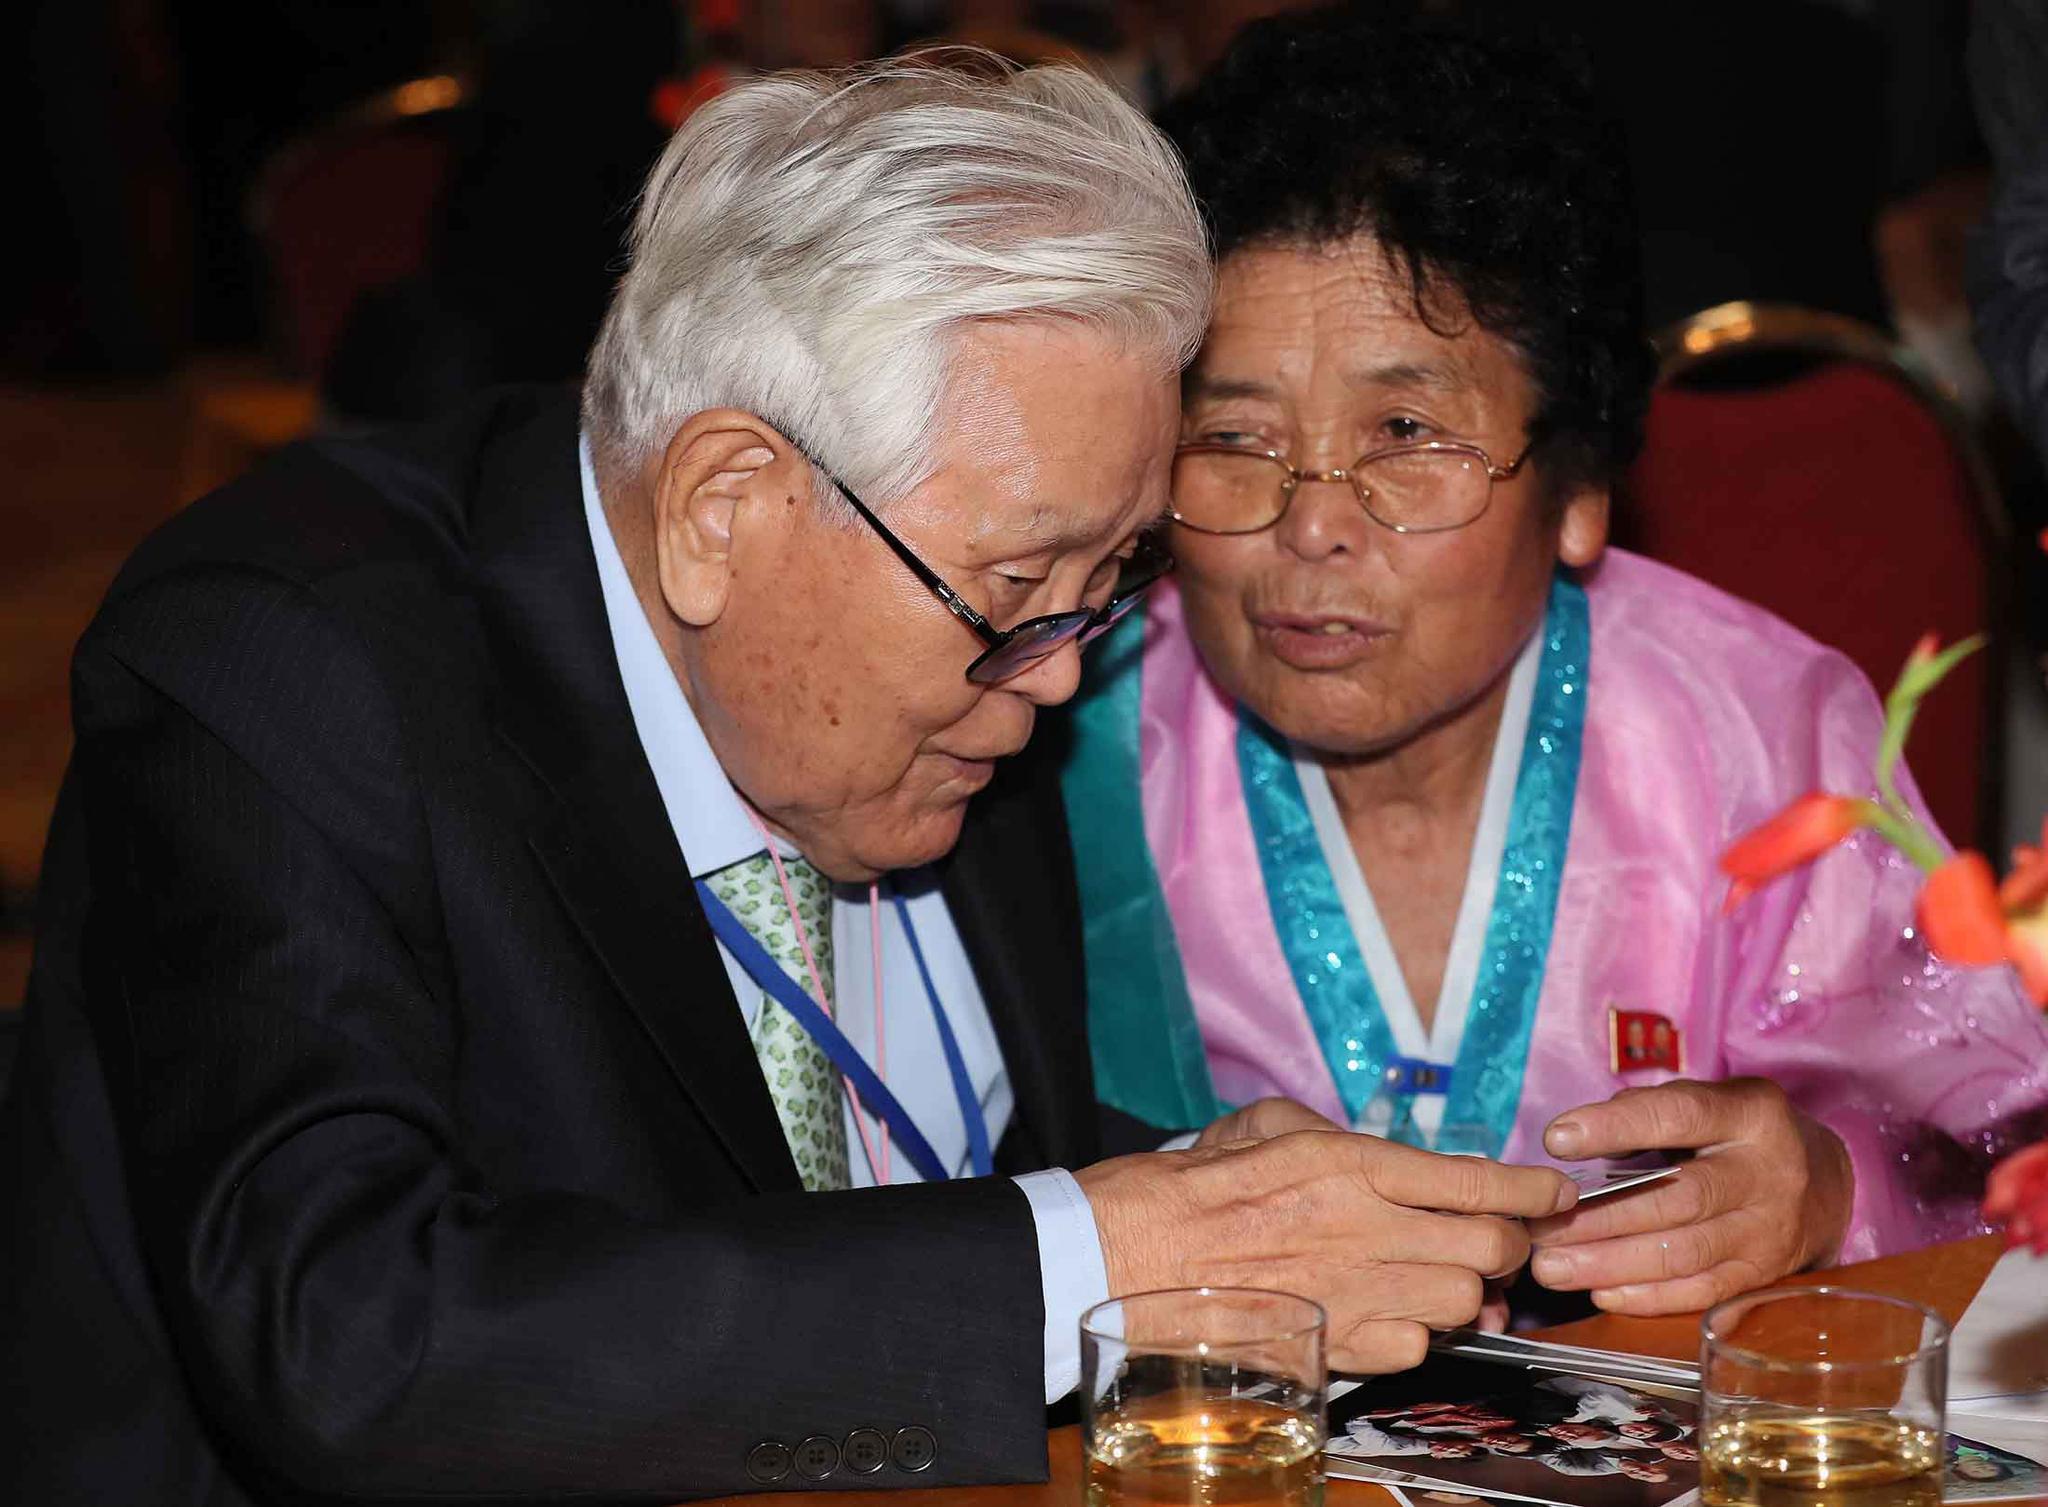 20일 오후 금강산호텔에서 열린 단체상봉에서 유관식(89) 할아버지가 북측의 딸 유연옥(67)과 사진을 보고 있다. . [뉴스통신취재단]